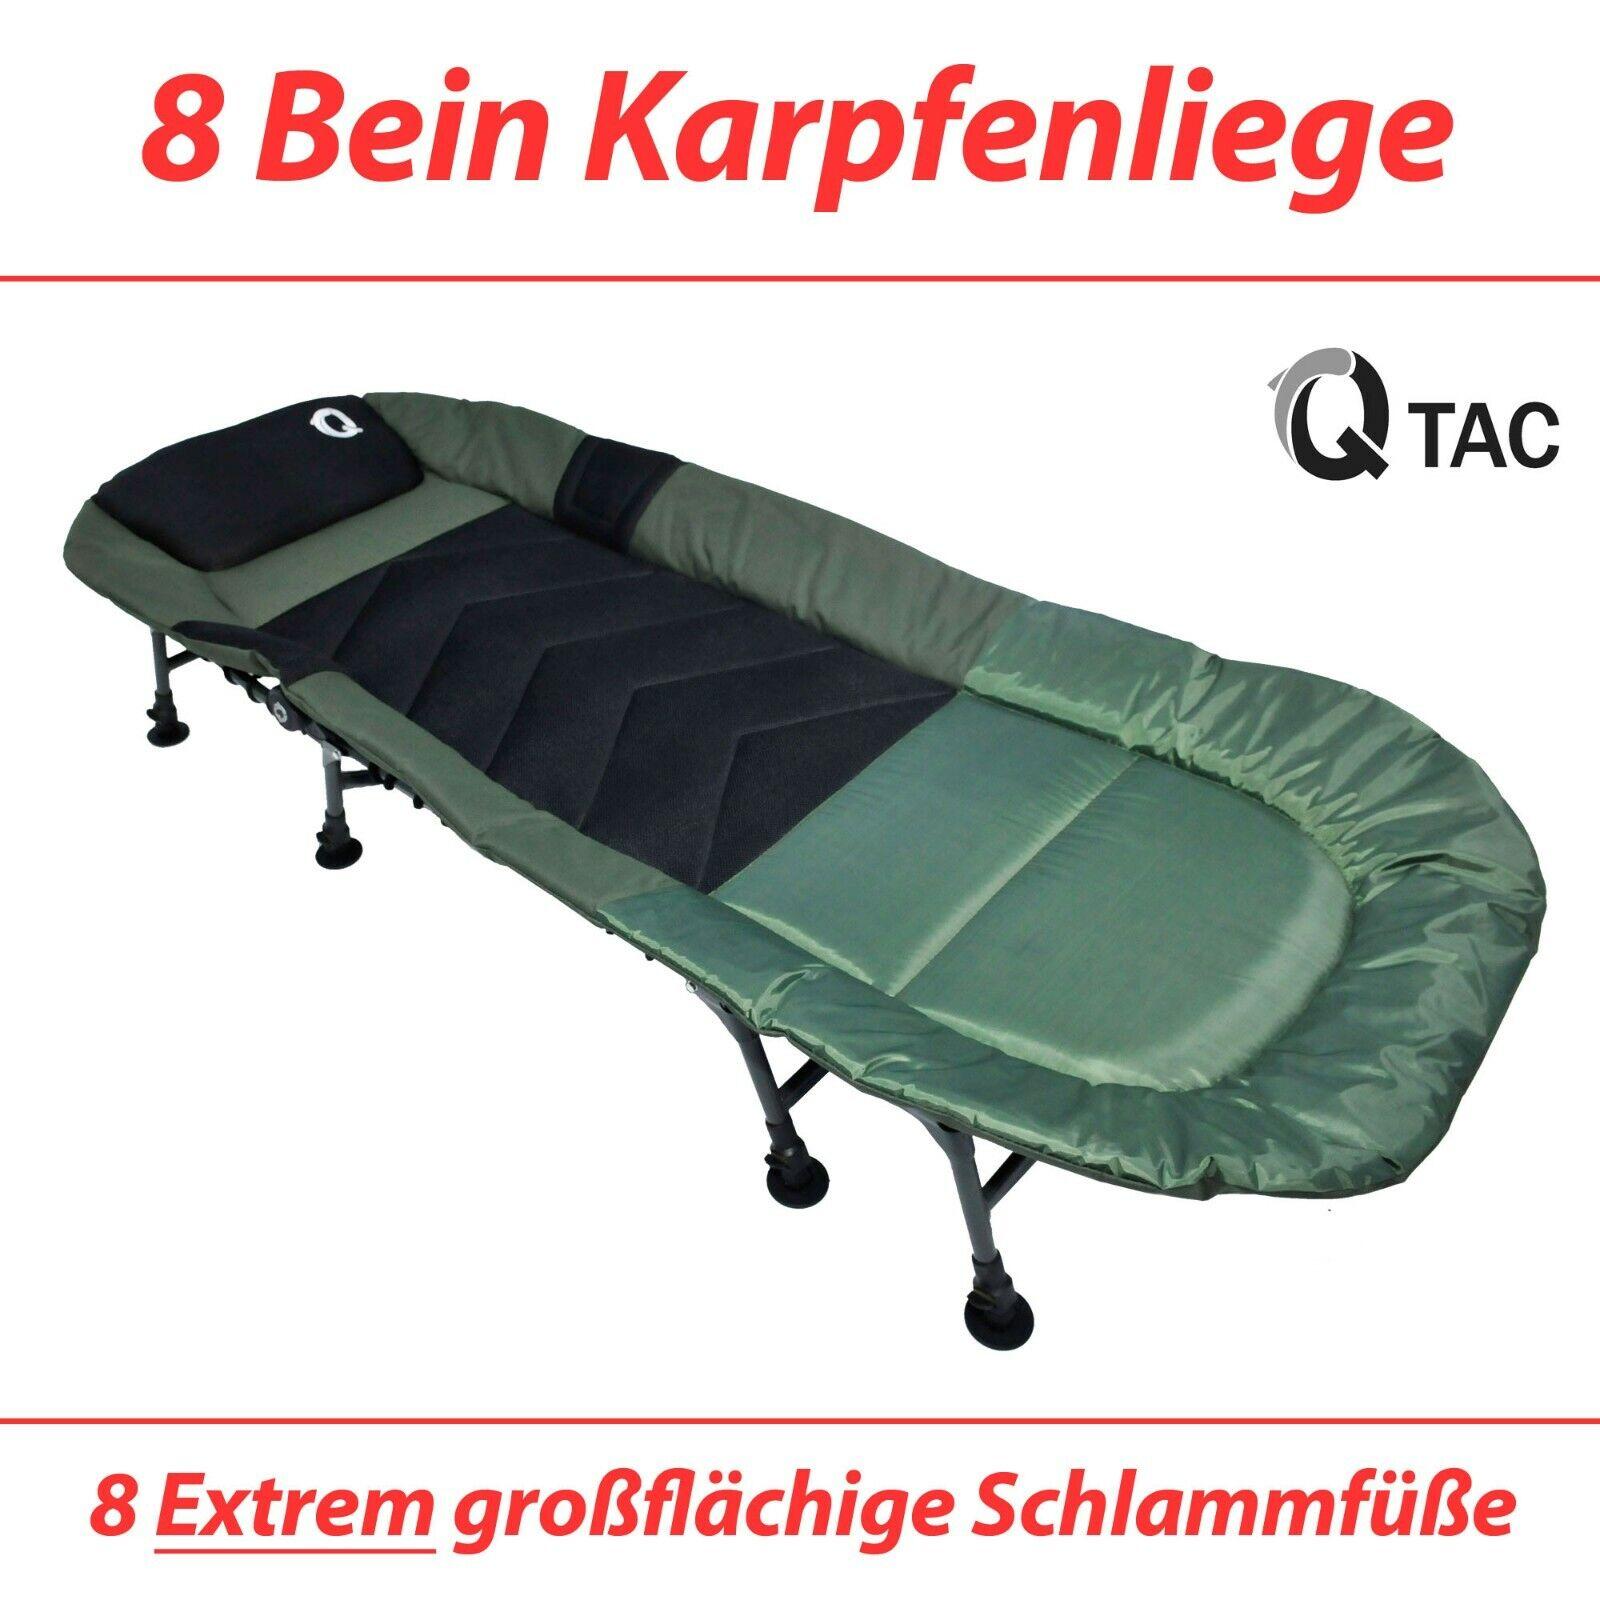 Q-Tac hochwertige Karpfenliege 8-Bein, Angelliege, Campingliege, Feldbett